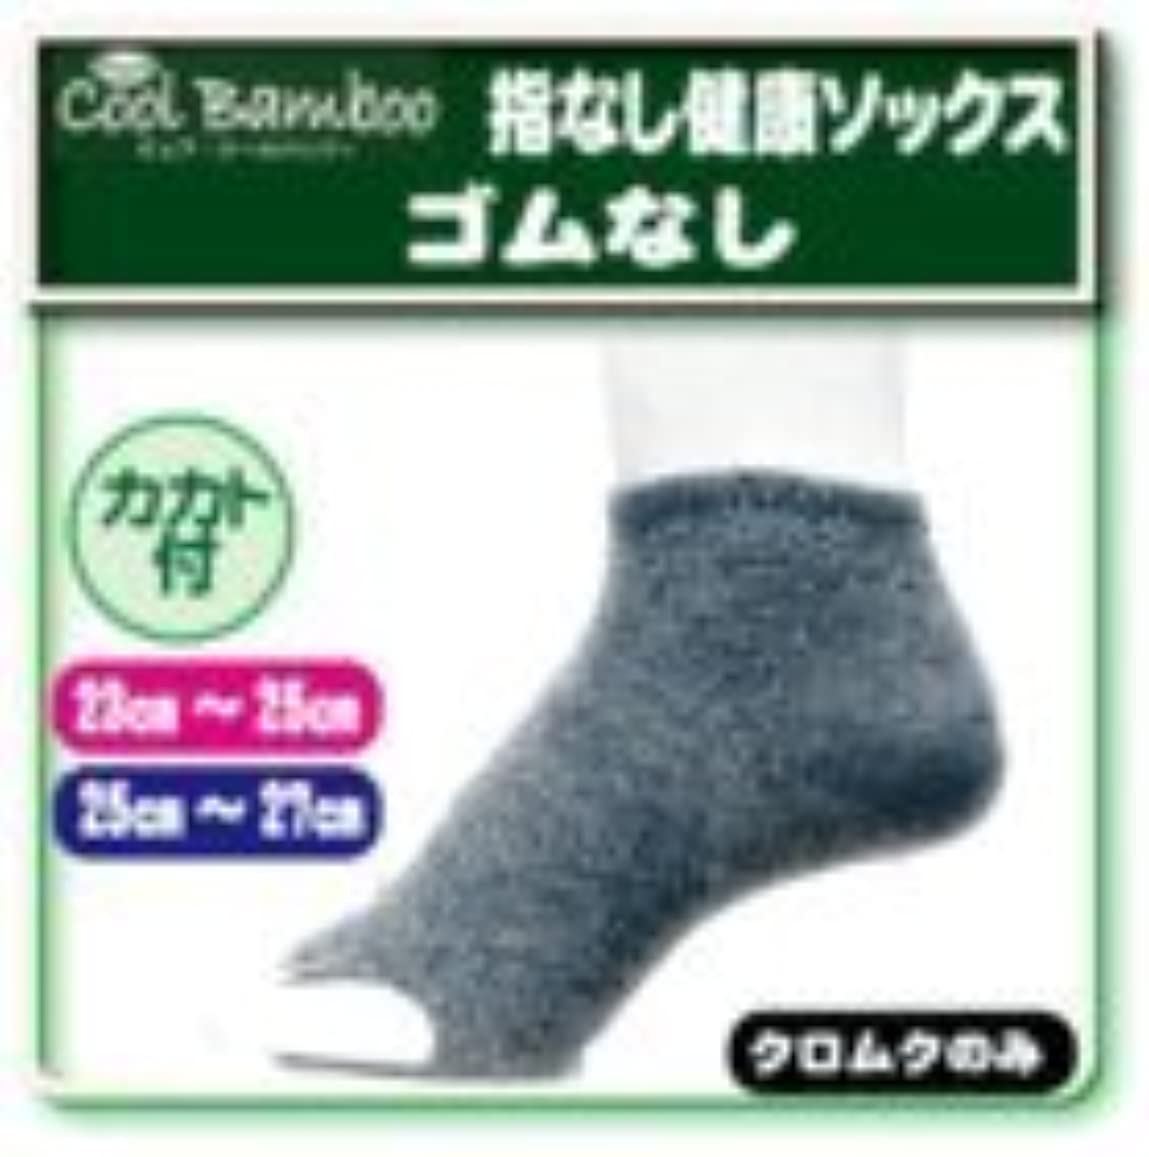 【ルボック】 指なし健康ソックスシリーズ  クロムク 指なし ゴムなし  サイズ:2種 (L(25cm~27cm))